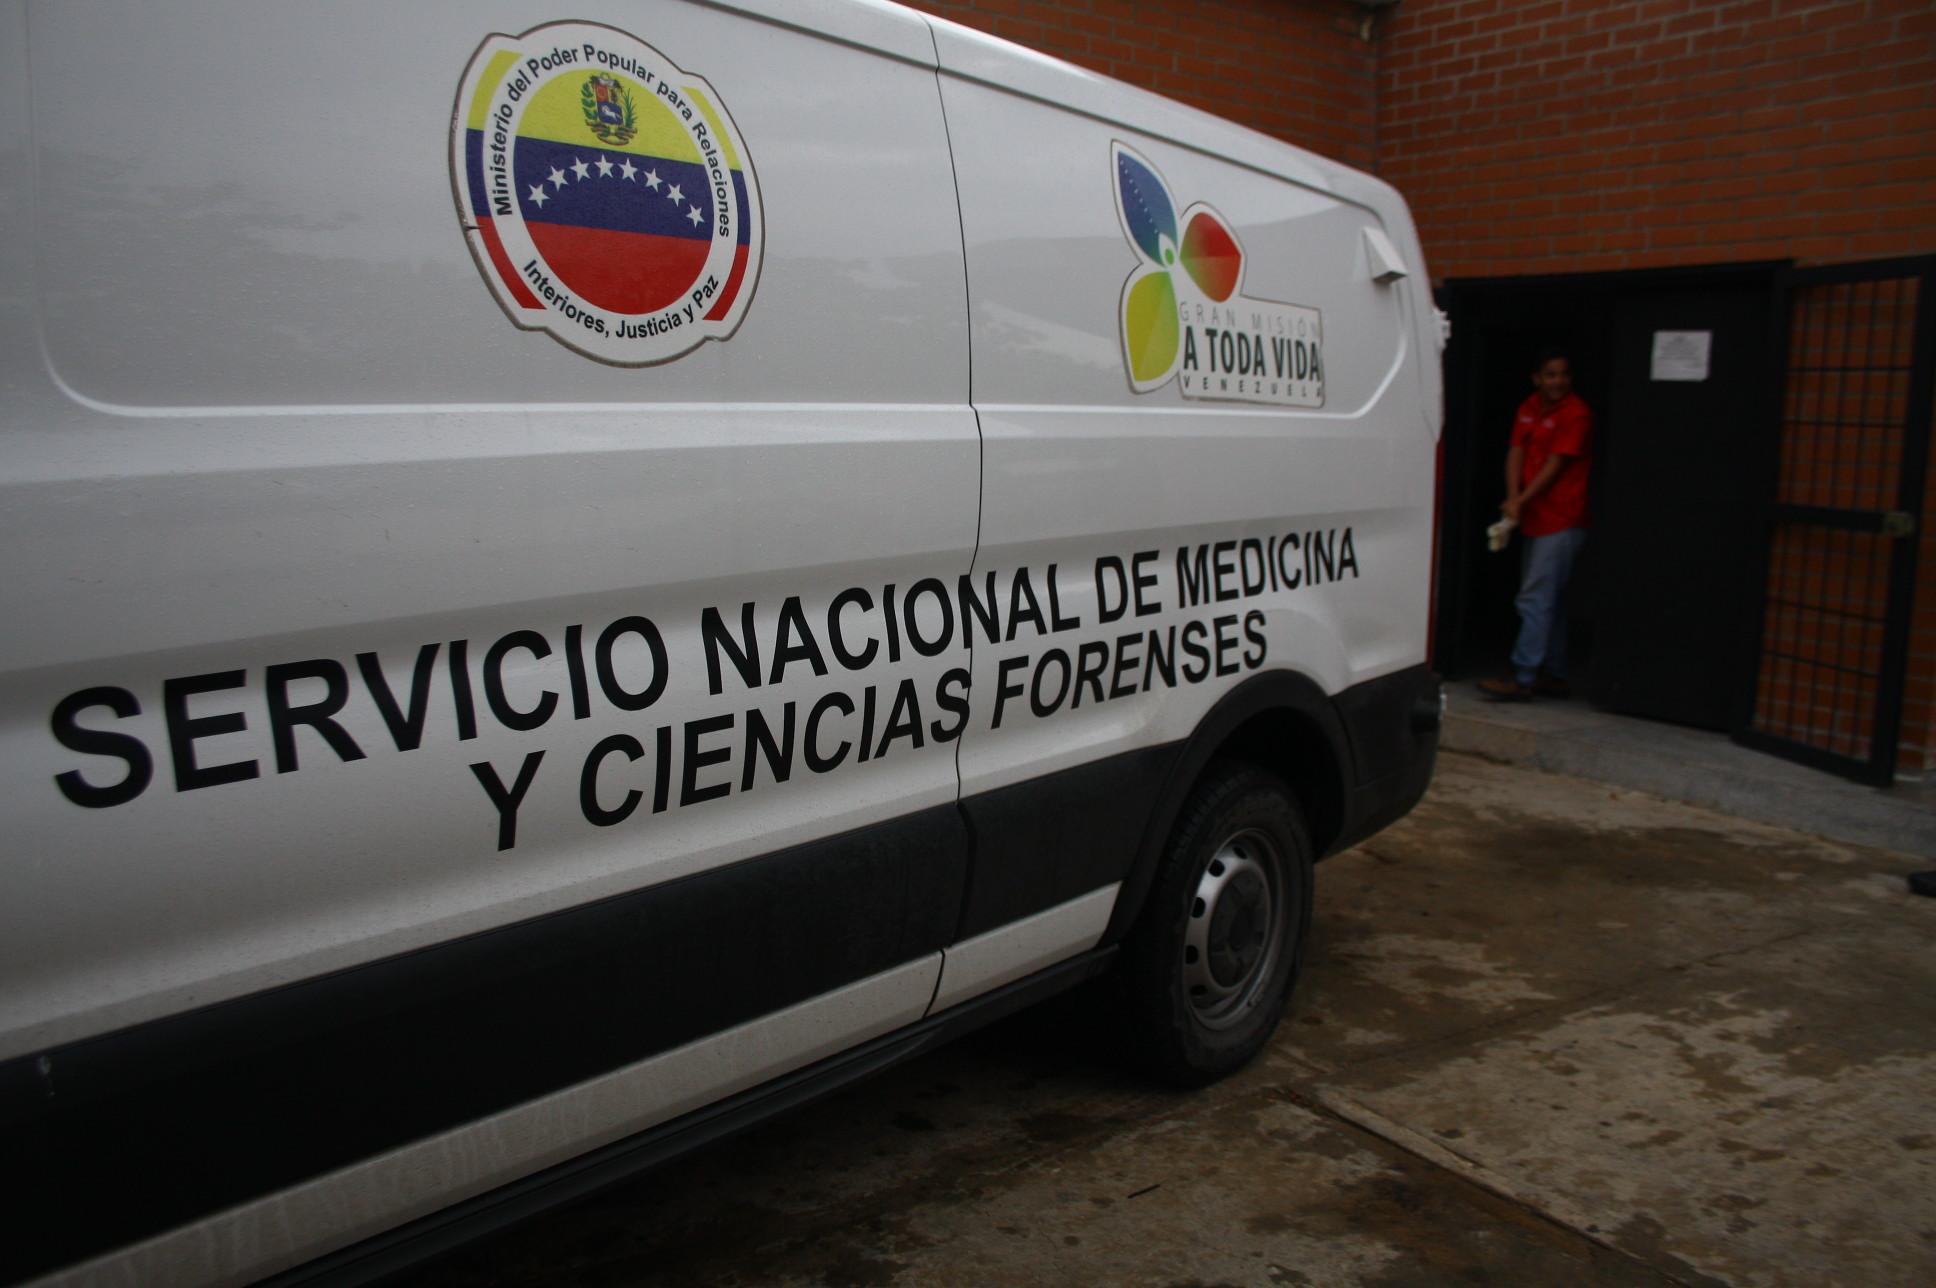 Delincuente muerto durante secuestro era de San Cristóbal